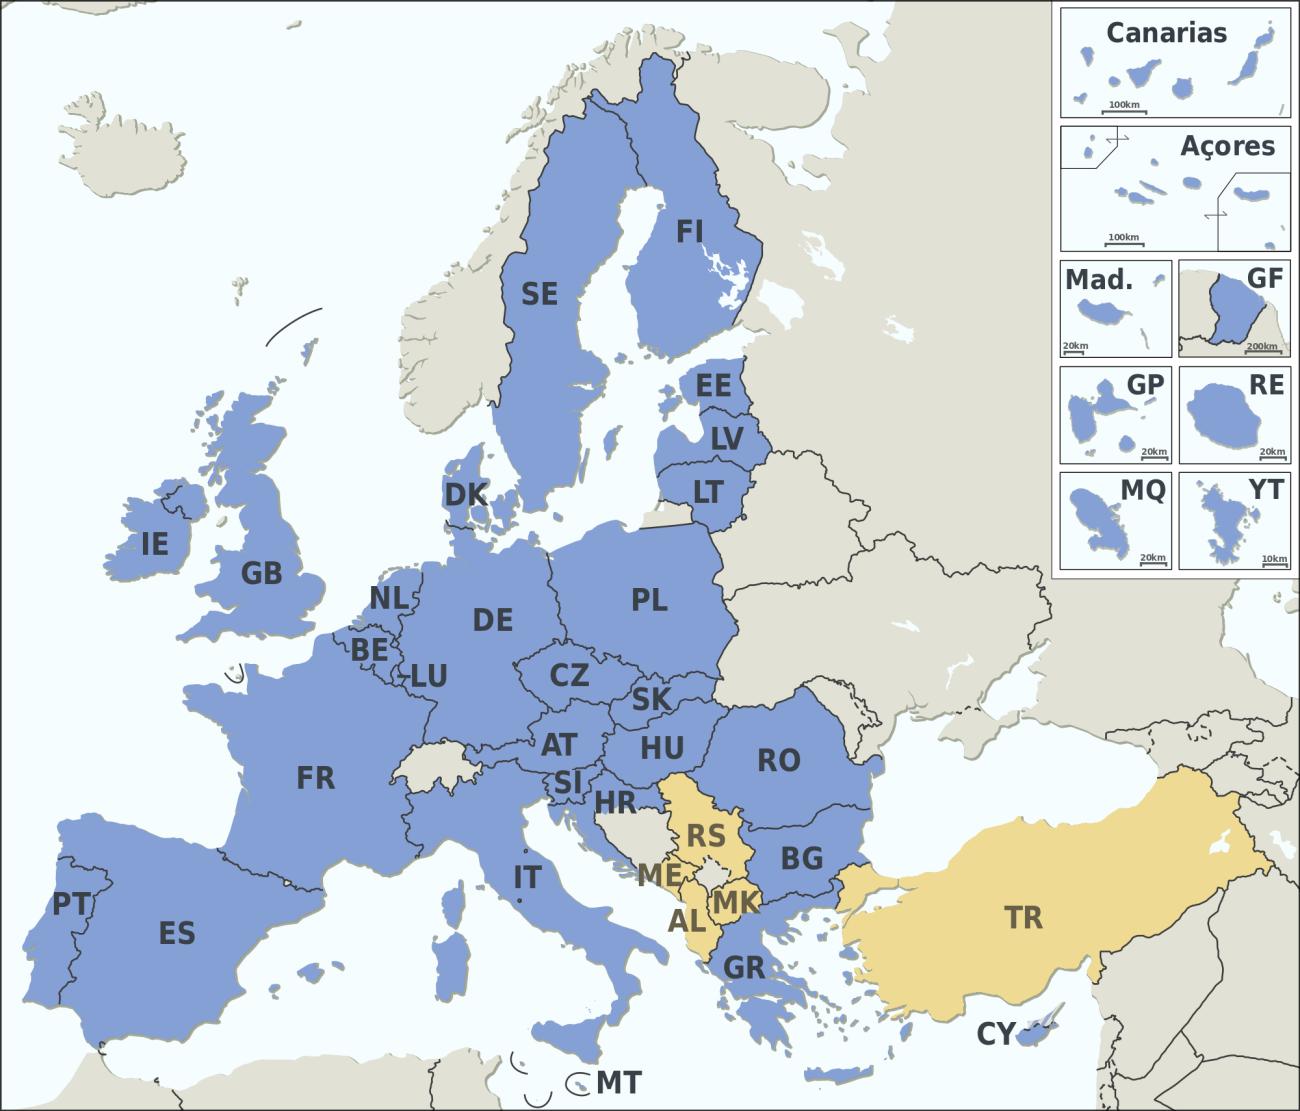 Los 28 países miembros de la Unión Europea